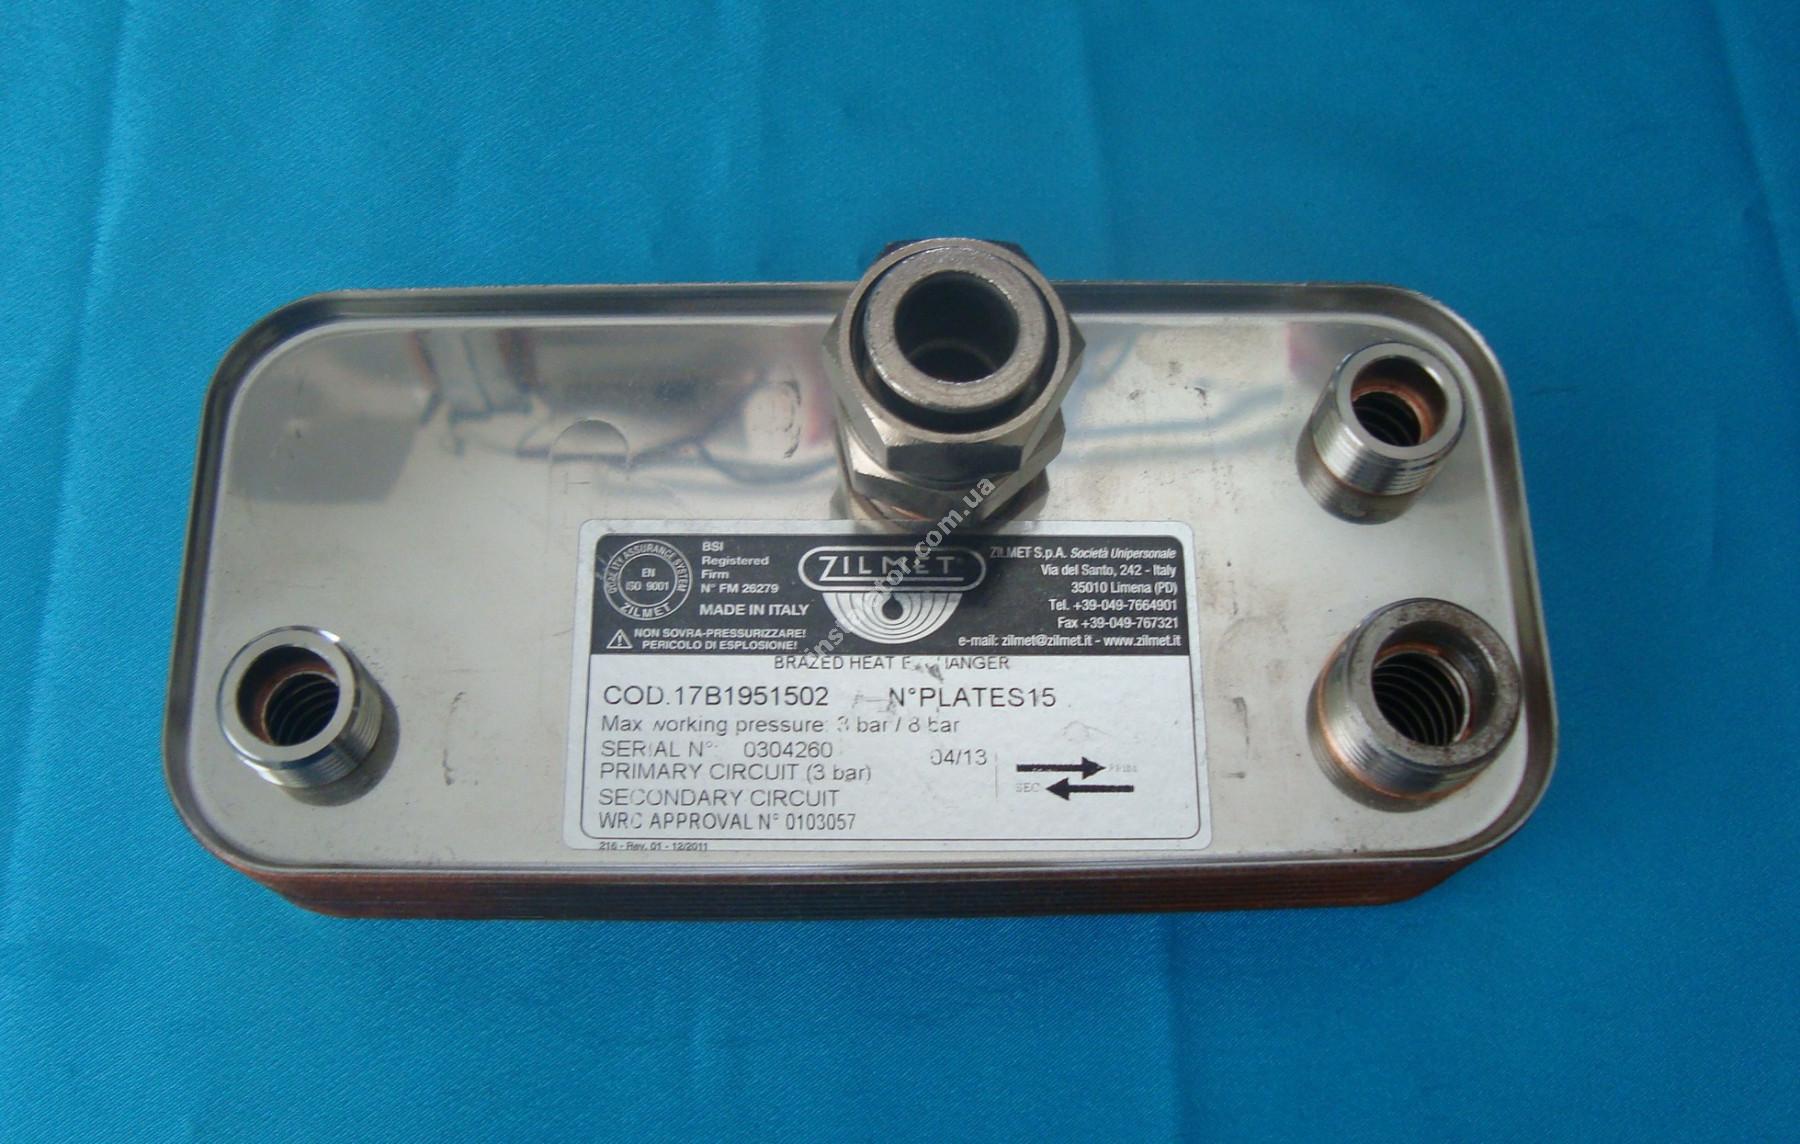 17B1901502 Теплообменник вторичный (ГВС) 15 пластин ZILMET full-image-1